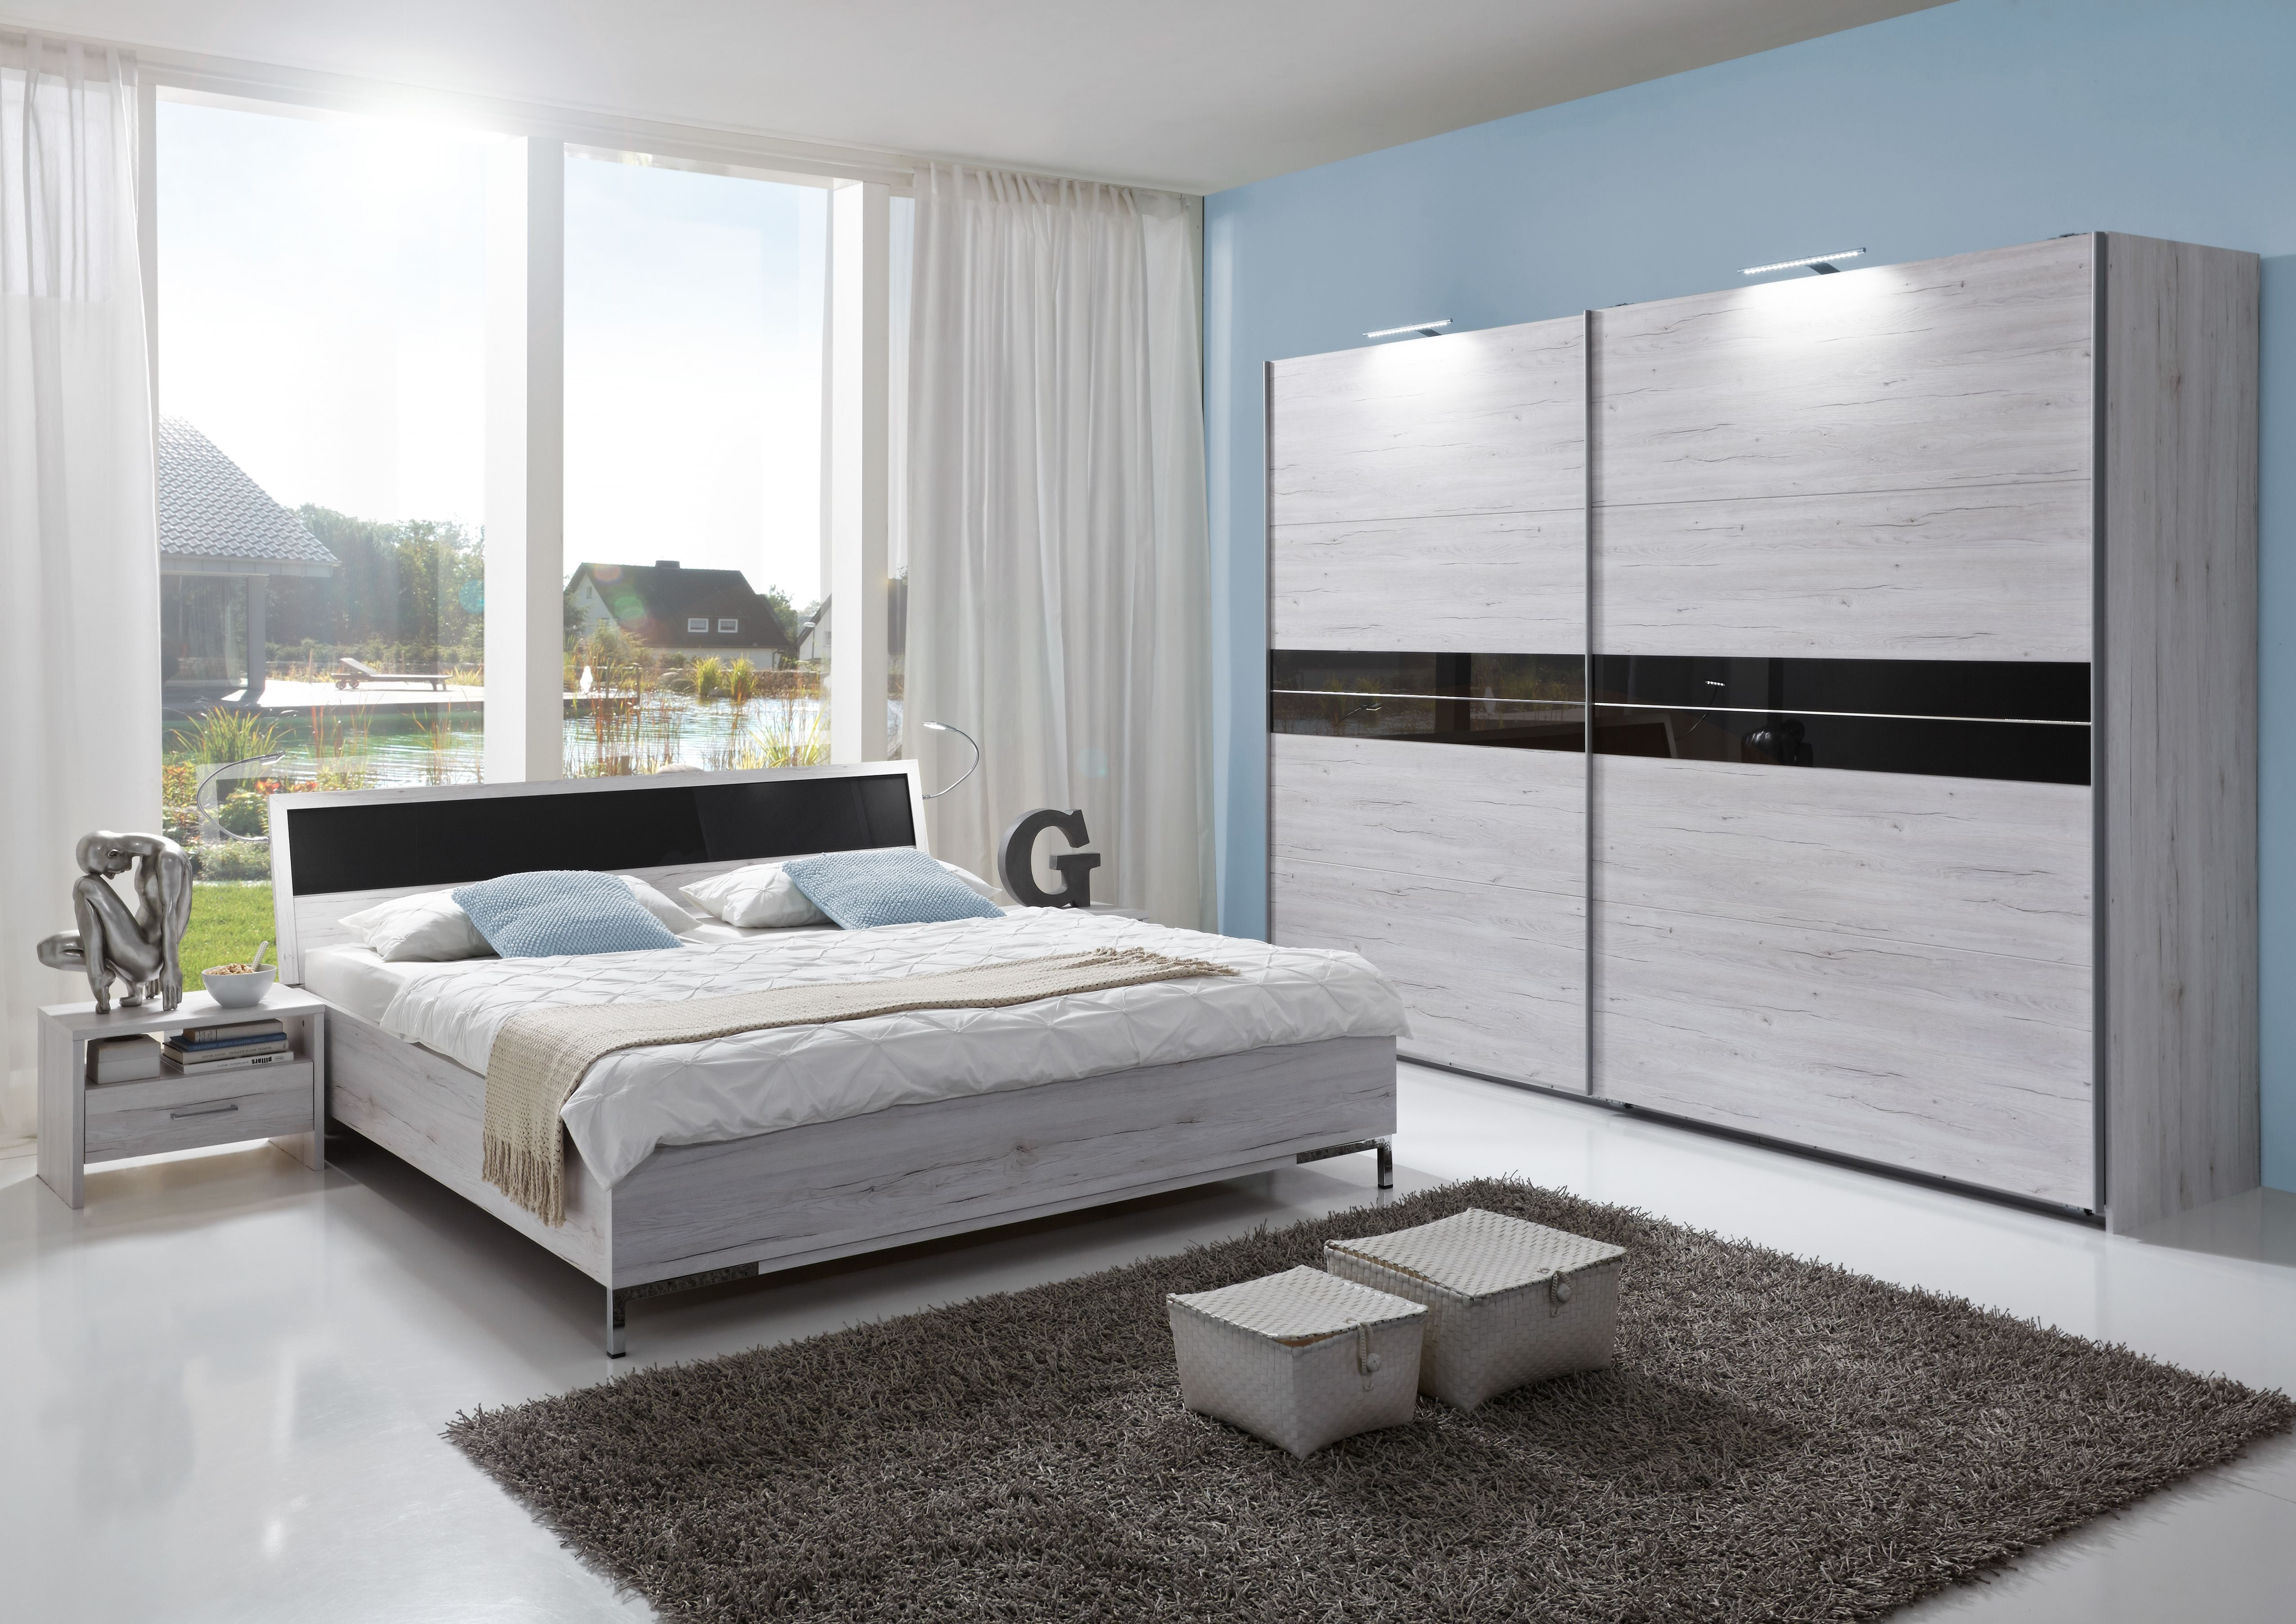 Schlafzimmer set design schlafzimmer teppiche ikea ideen - Gunstige schlafzimmer set ...